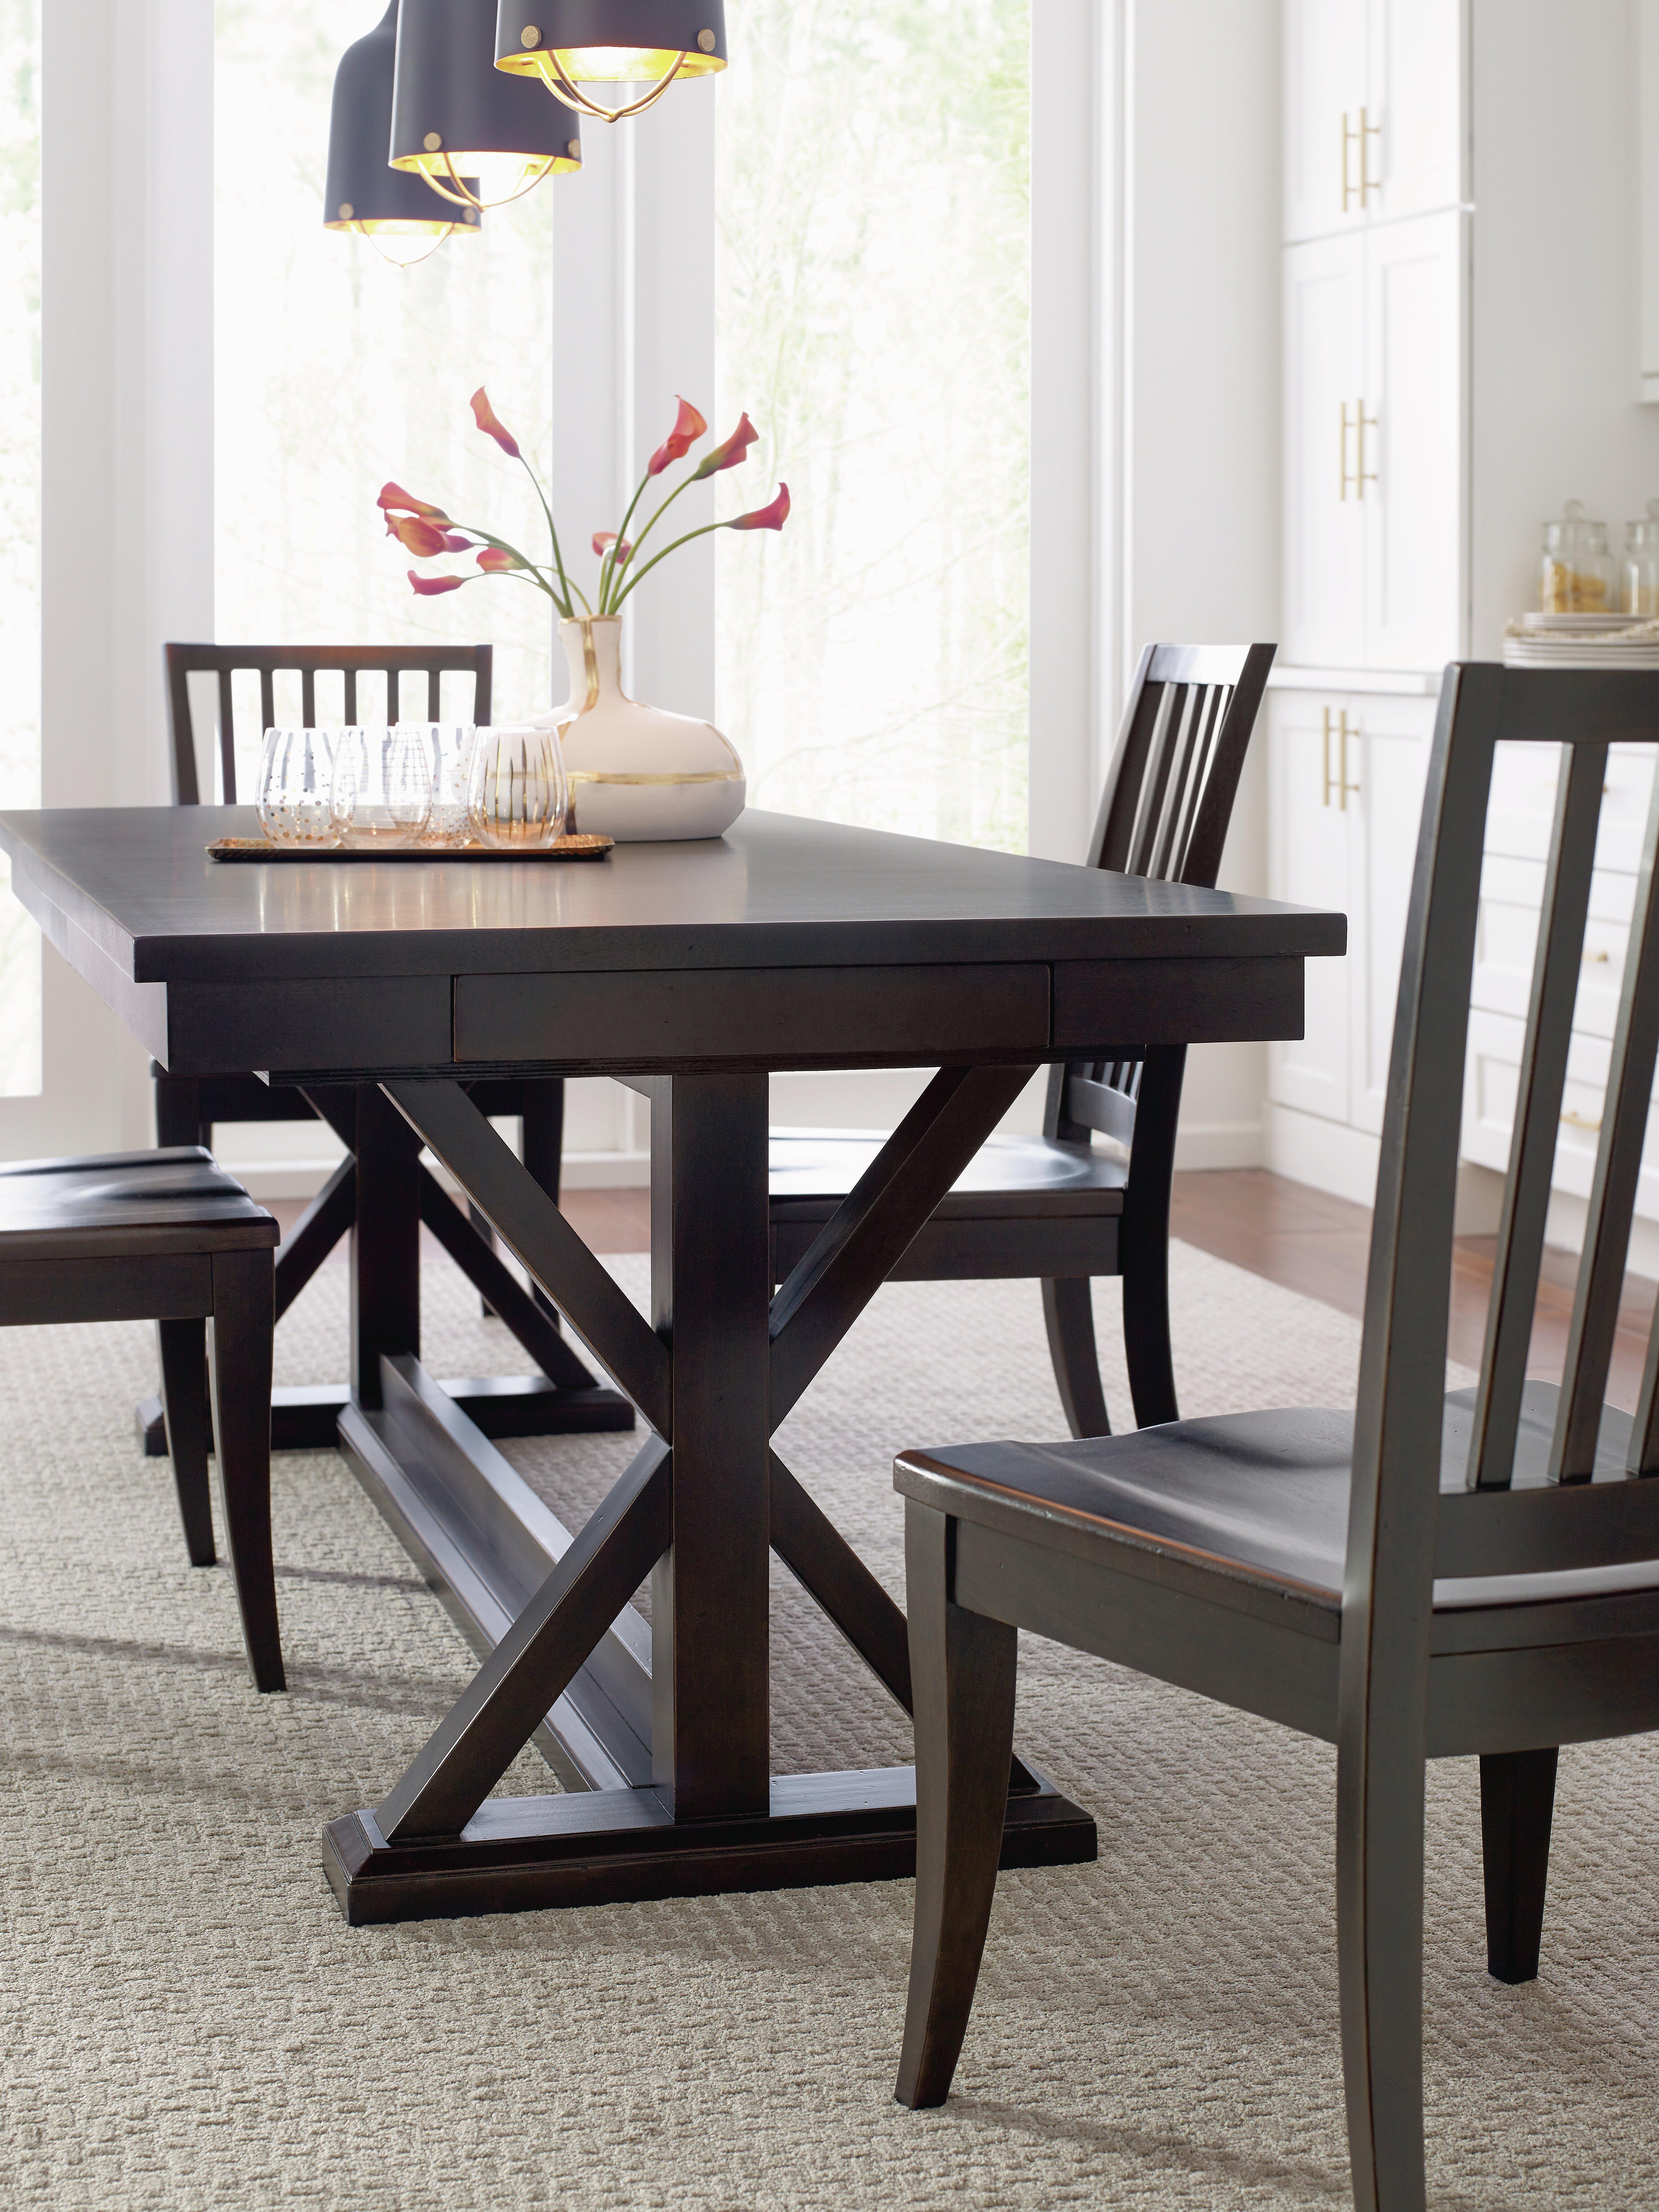 rachael ray home trestle dining table set | wayfair